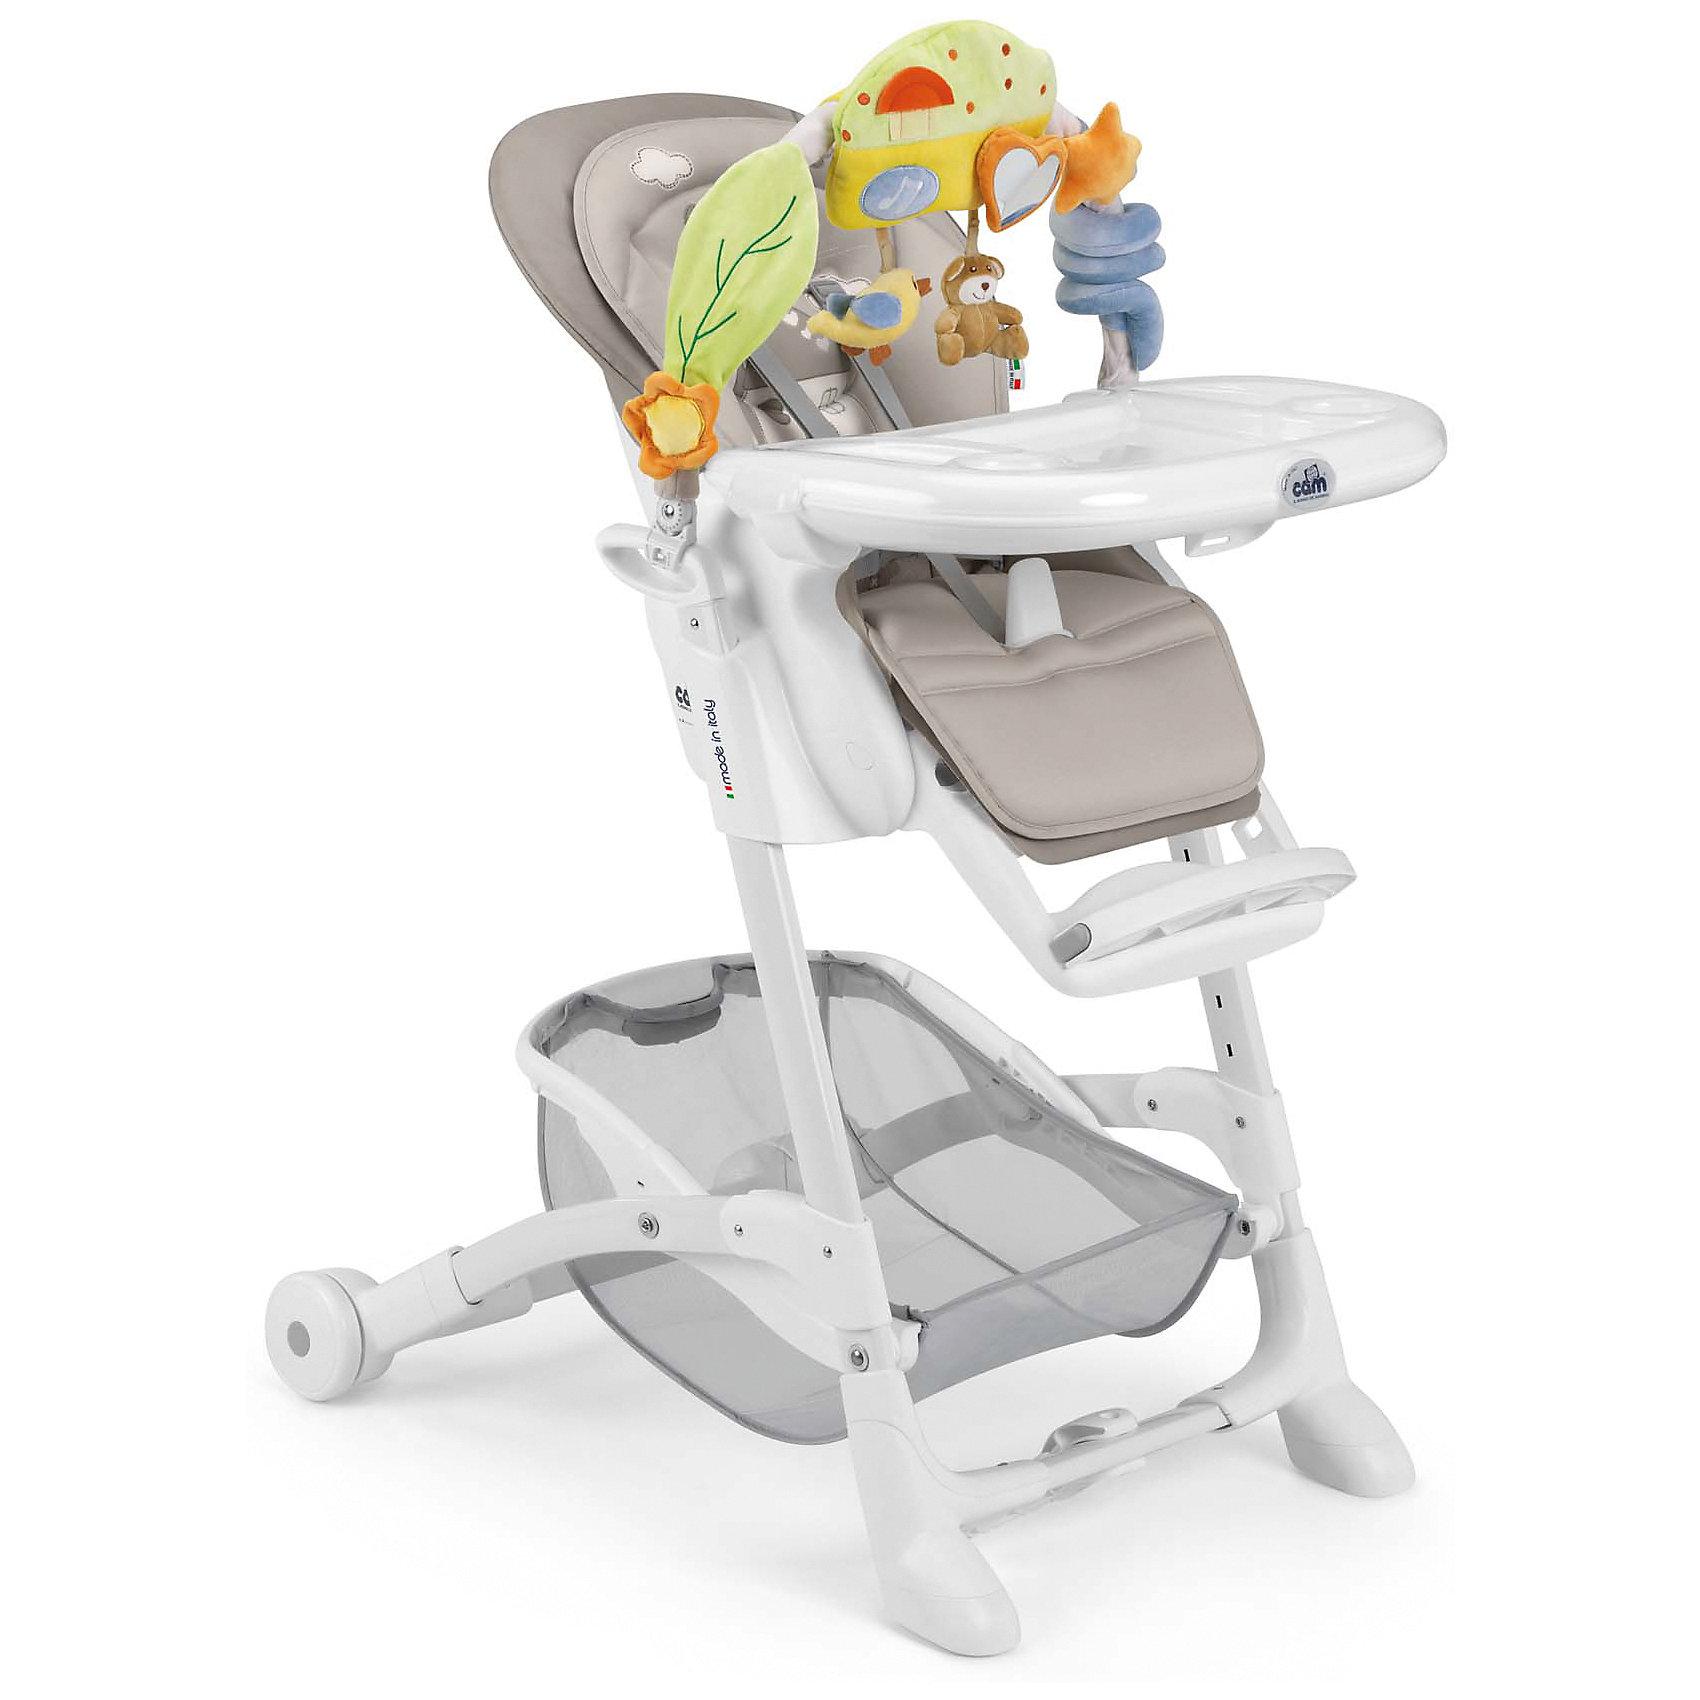 Стульчик для кормления Istante Домик, CAM, темно-серыйСтульчики для кормления<br>Очень удобный и комфортный стульчик для кормления обязательно понравится малышам! Мягкое сиденье с регулируемой в пяти положениях спинкой, страховочными ремнями и удобным разделителем для ног обеспечит малышам комфорт и безопасность. Стульчик имеет колесики, облегчающие перемещение по квартире; удобную подставку для ножек ребенка; съемный стол можно мыть в посудомоечной машине. Стул выполнен в приятной цветовой гамме, изготовлен из высококачественных прочных и экологичных материалов. Передняя часть рамы снабжена нескользящими ножками, которые обеспечивают дополнительную безопасность. Под сиденьем располагается большая корзина для игрушек и вещей. <br><br>Дополнительная информация:<br><br>- Материал: пластик, металл, <br>- Размер: 80x65x105 см.<br>- Колесики.<br>- Вместительная корзина внизу. <br>- Нескользящие ножки.<br>- Регулируемый наклон спинки (5 положений, до положения лежа).<br>- Компактно складывается.<br>- Съемный стол (можно мыть в посудомоечной машине).<br>- Регулировка по высоте в 5 положениях. <br>- Регулируемая подножка.<br>- 5-ти точечные ремни безопасности.<br>- Чехол снимается и легко моется.<br><br>Стульчик для кормления Istante от CAM, голубой, можно купить в нашем магазине.<br><br>Ширина мм: 587<br>Глубина мм: 272<br>Высота мм: 970<br>Вес г: 12500<br>Возраст от месяцев: 0<br>Возраст до месяцев: 36<br>Пол: Унисекс<br>Возраст: Детский<br>SKU: 5545248